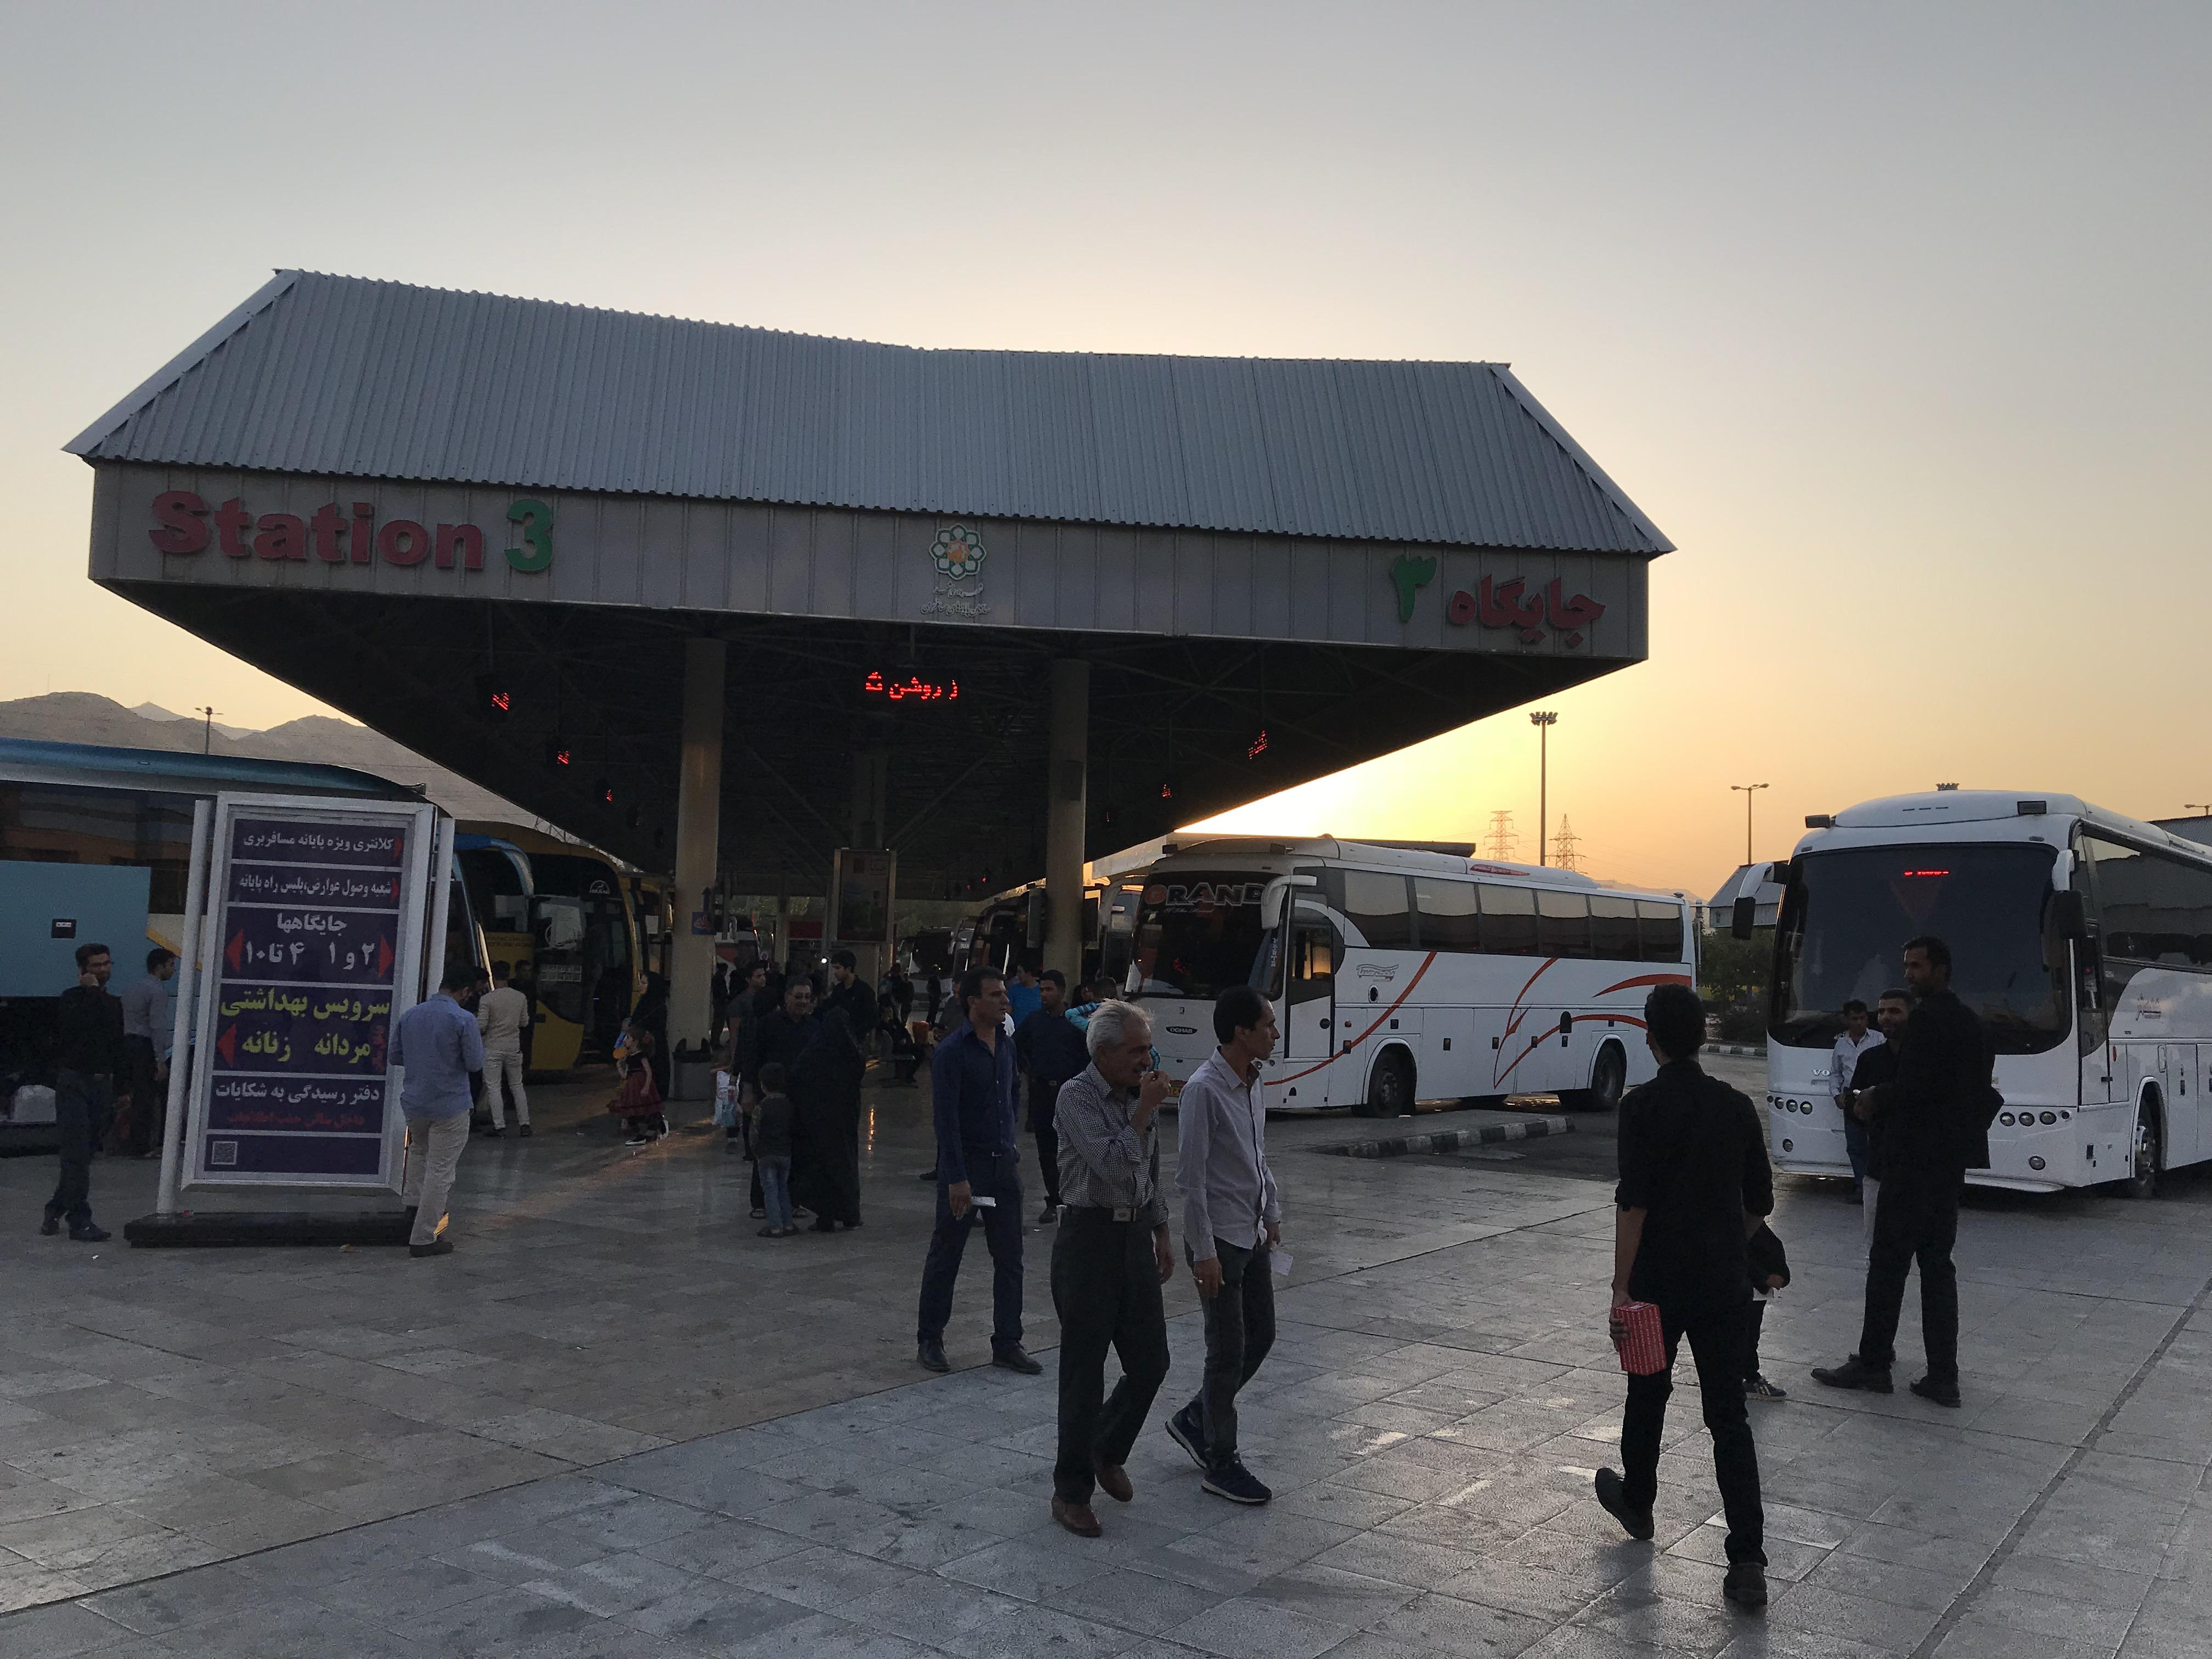 マシュハドバスターミナル